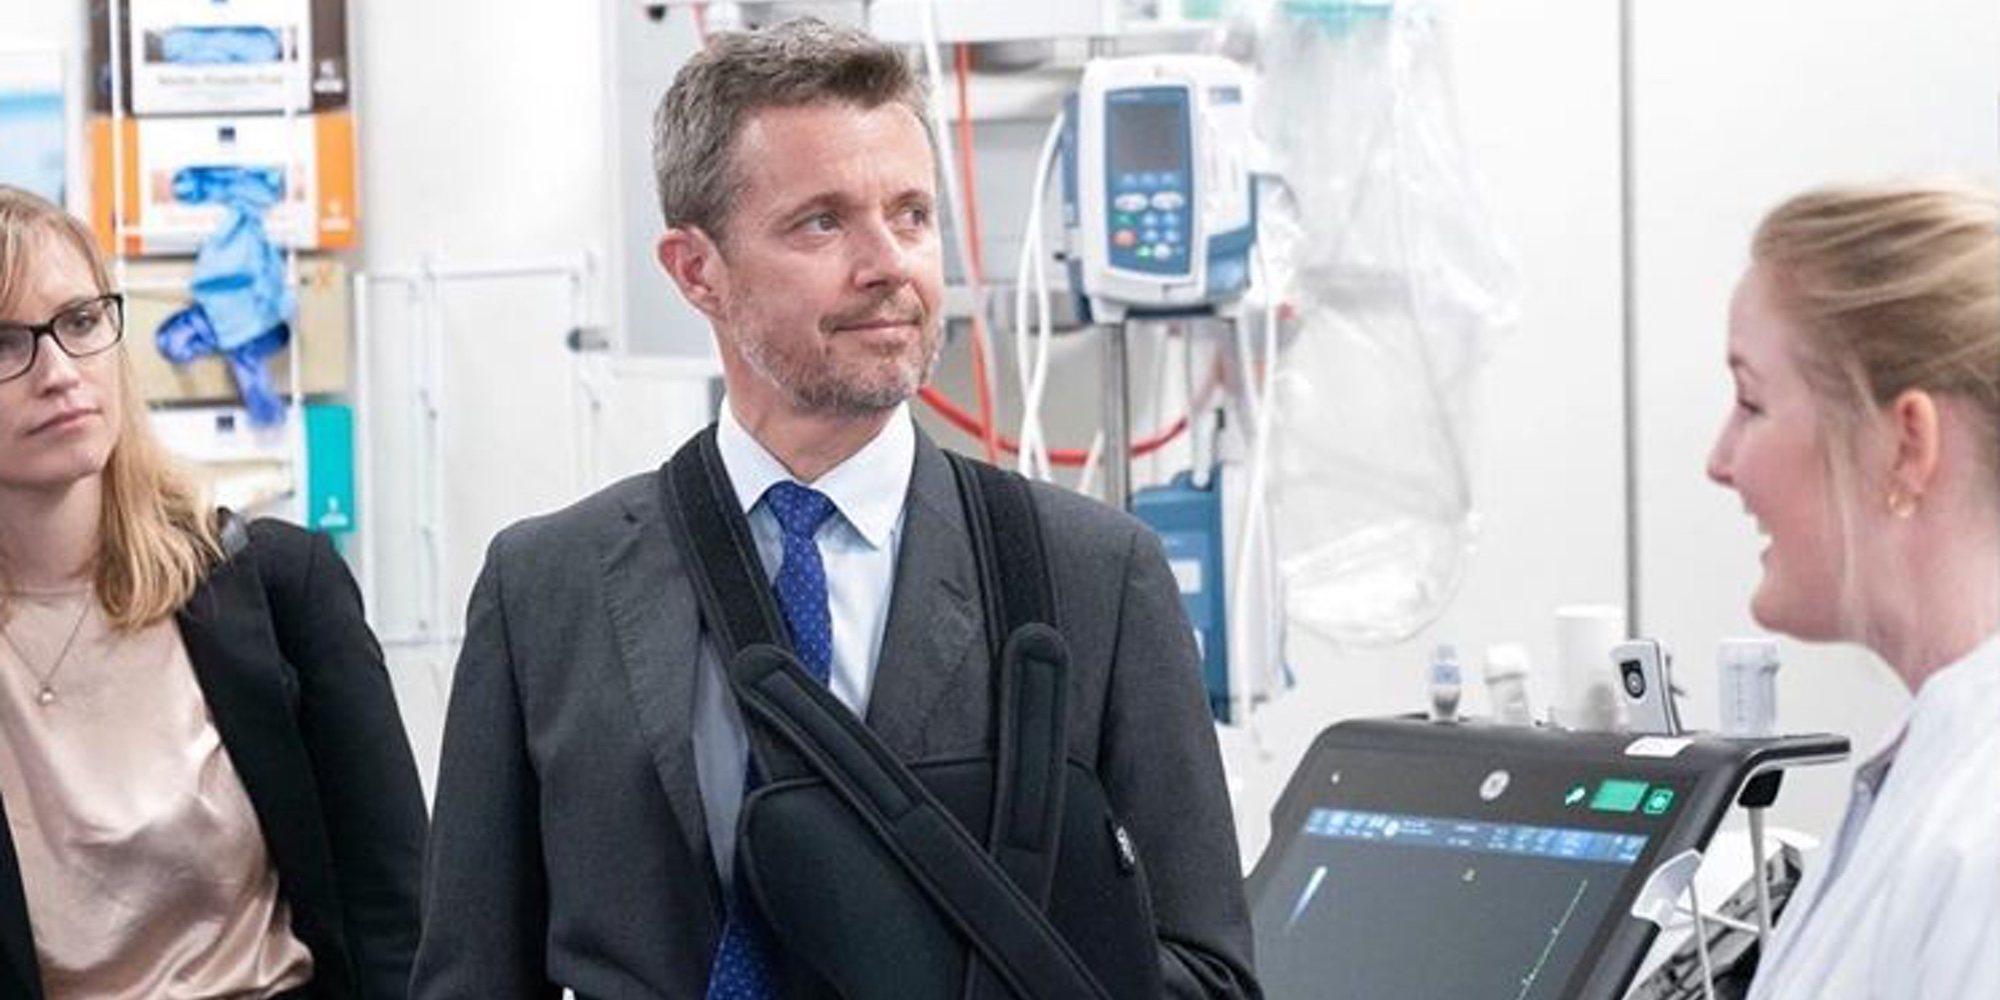 Federico de Dinamarca reaparece con el brazo en cabestrillo y explica cómo fue su accidente de esquí